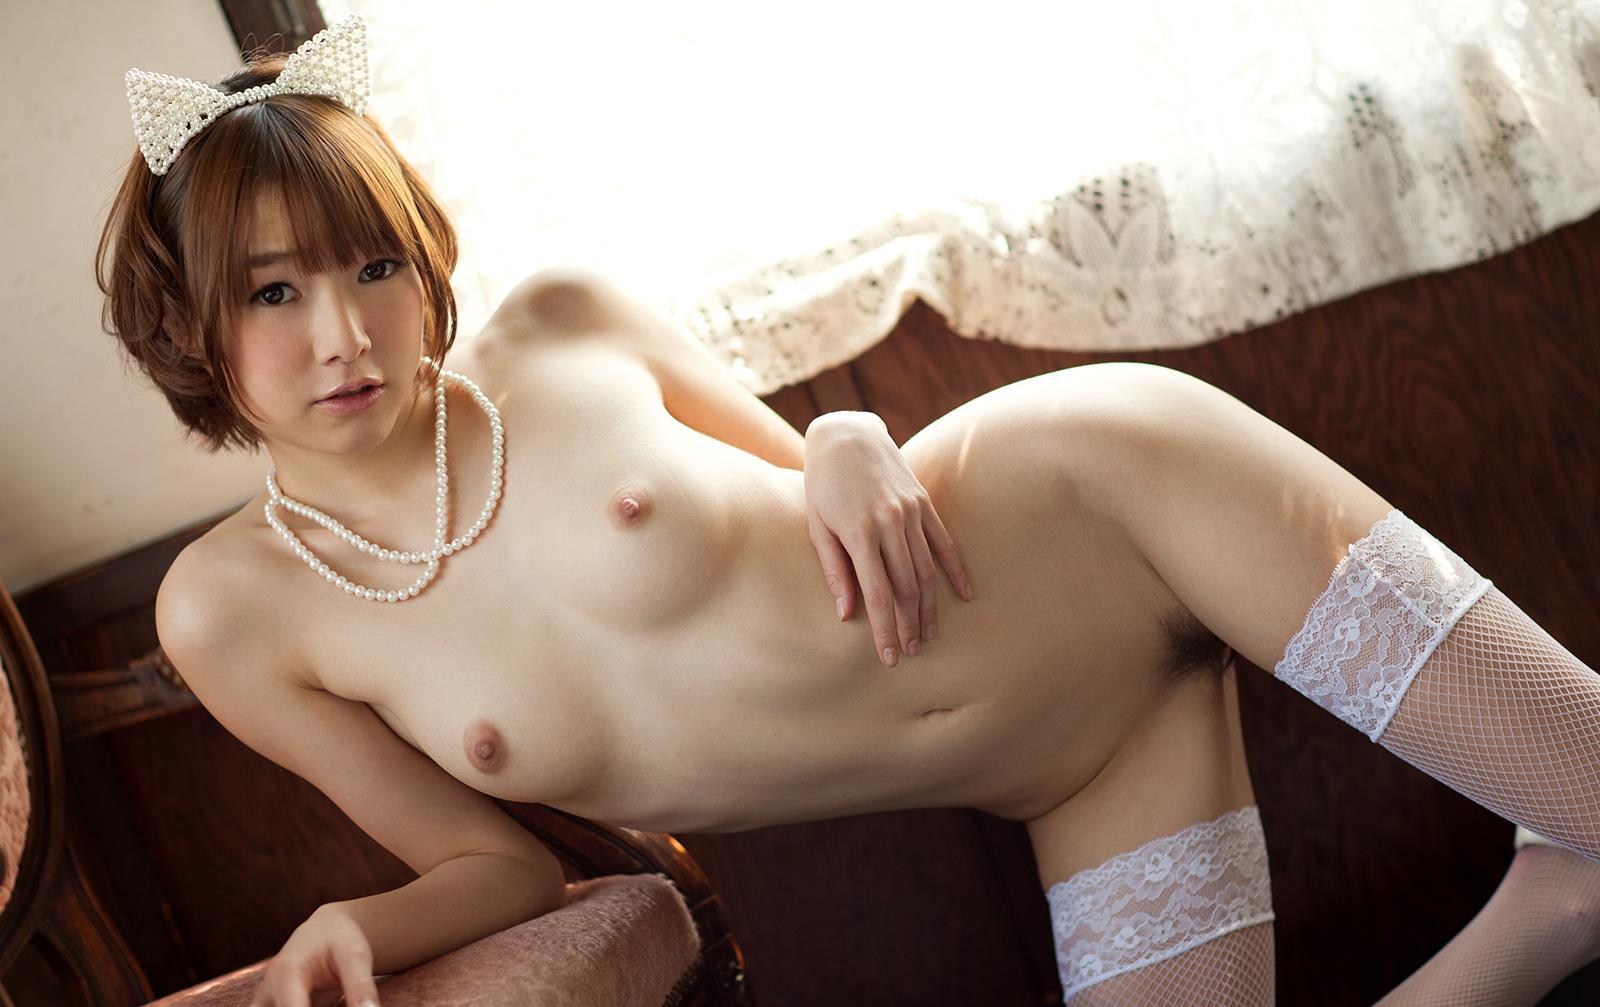 涼川絢音 Eカップ 手足の長い色白ロリ顔で美少女な着エロアイドルAV女優画像 107枚 No.107